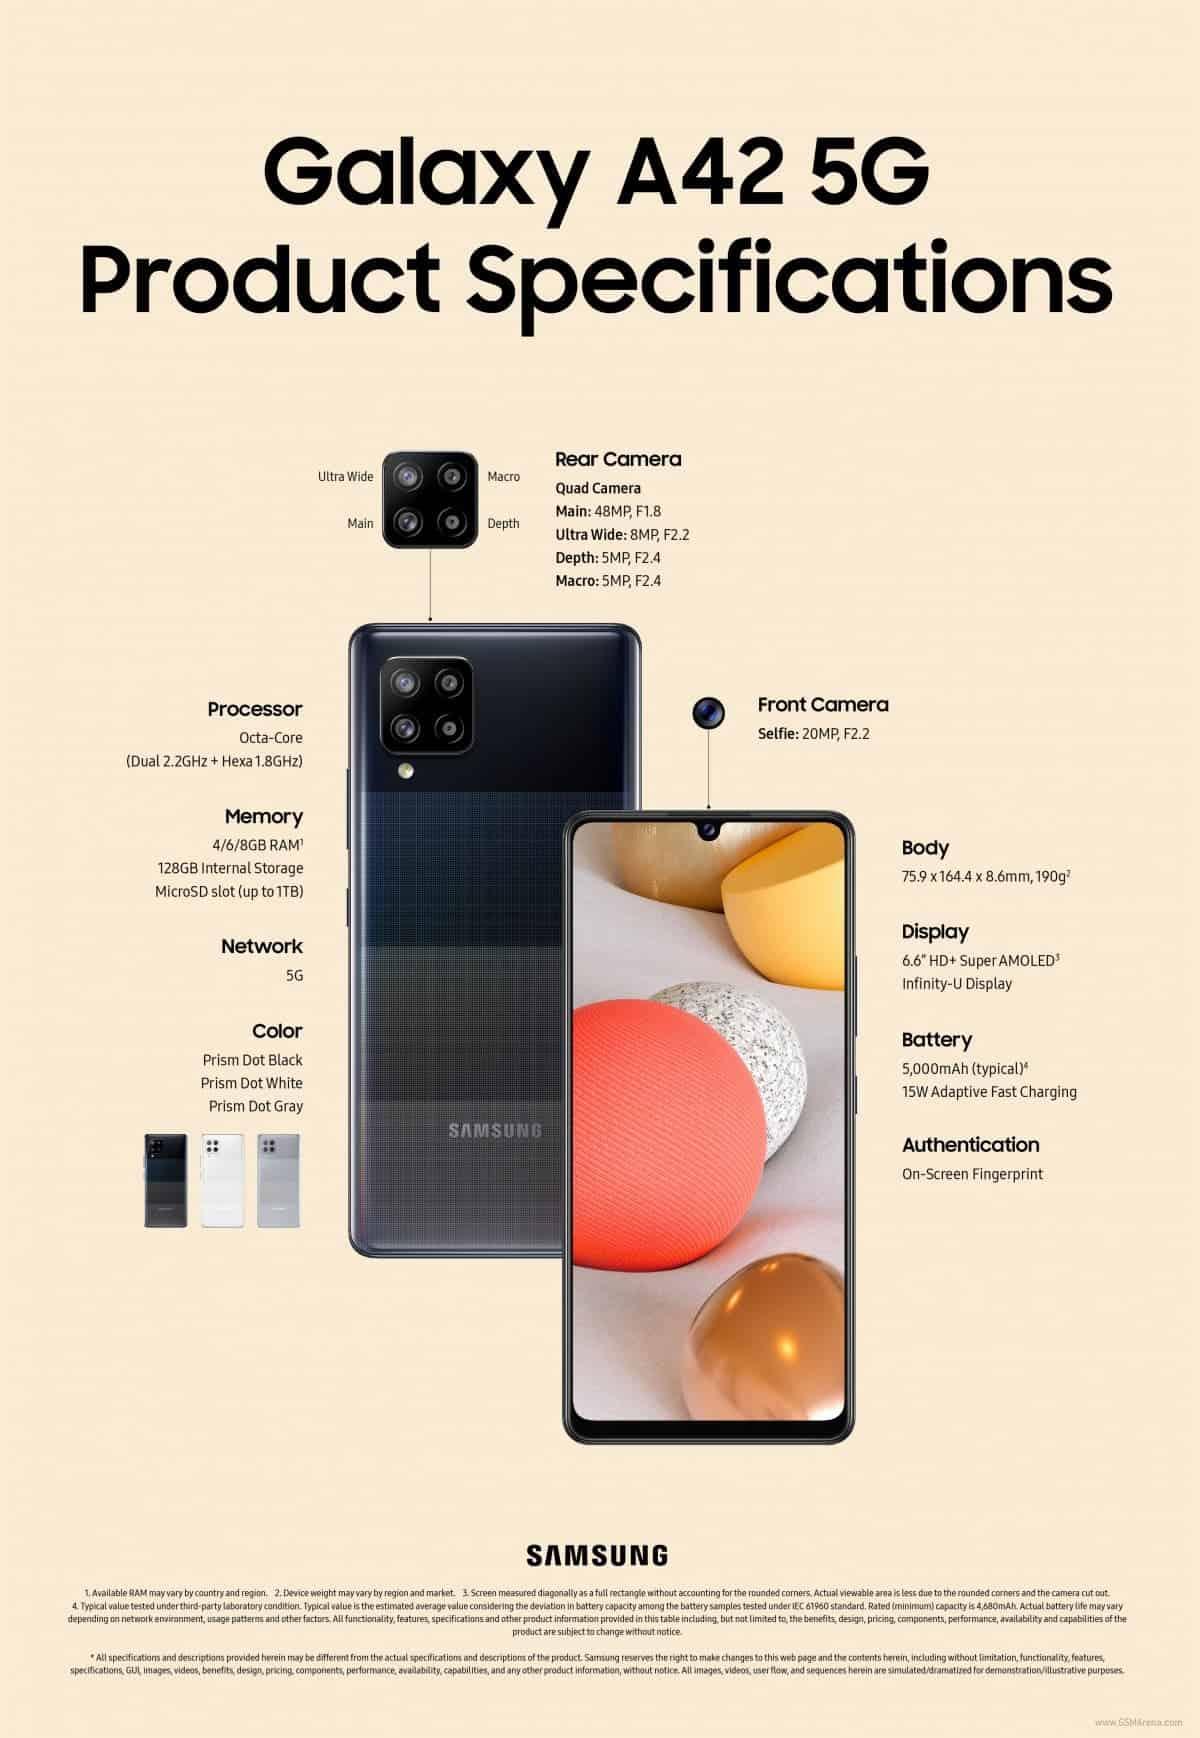 Официальные характеристики и дизайн Samsung Galaxy A42 5G просочились